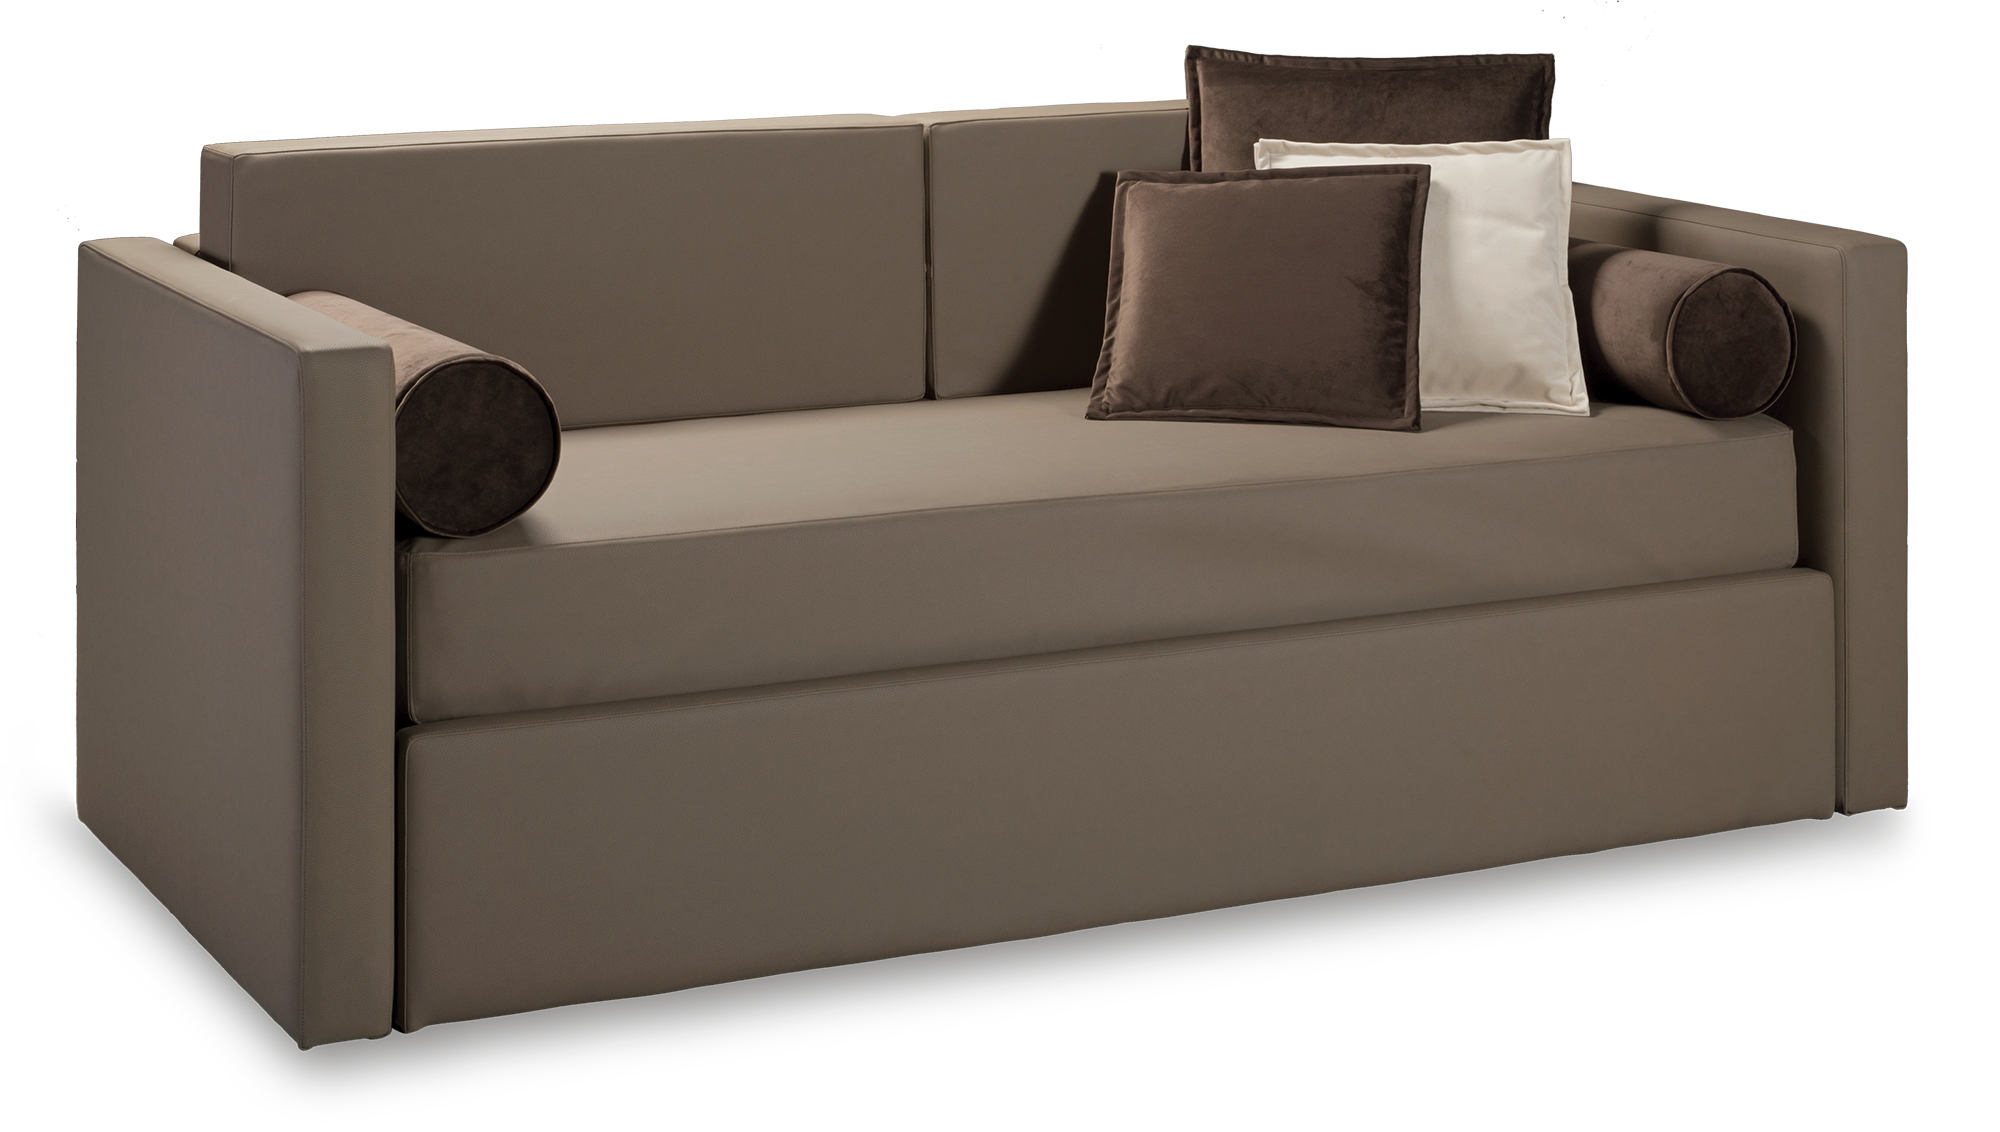 Simmons per l 39 hotel letti divano - Cuscini per divano letto ...